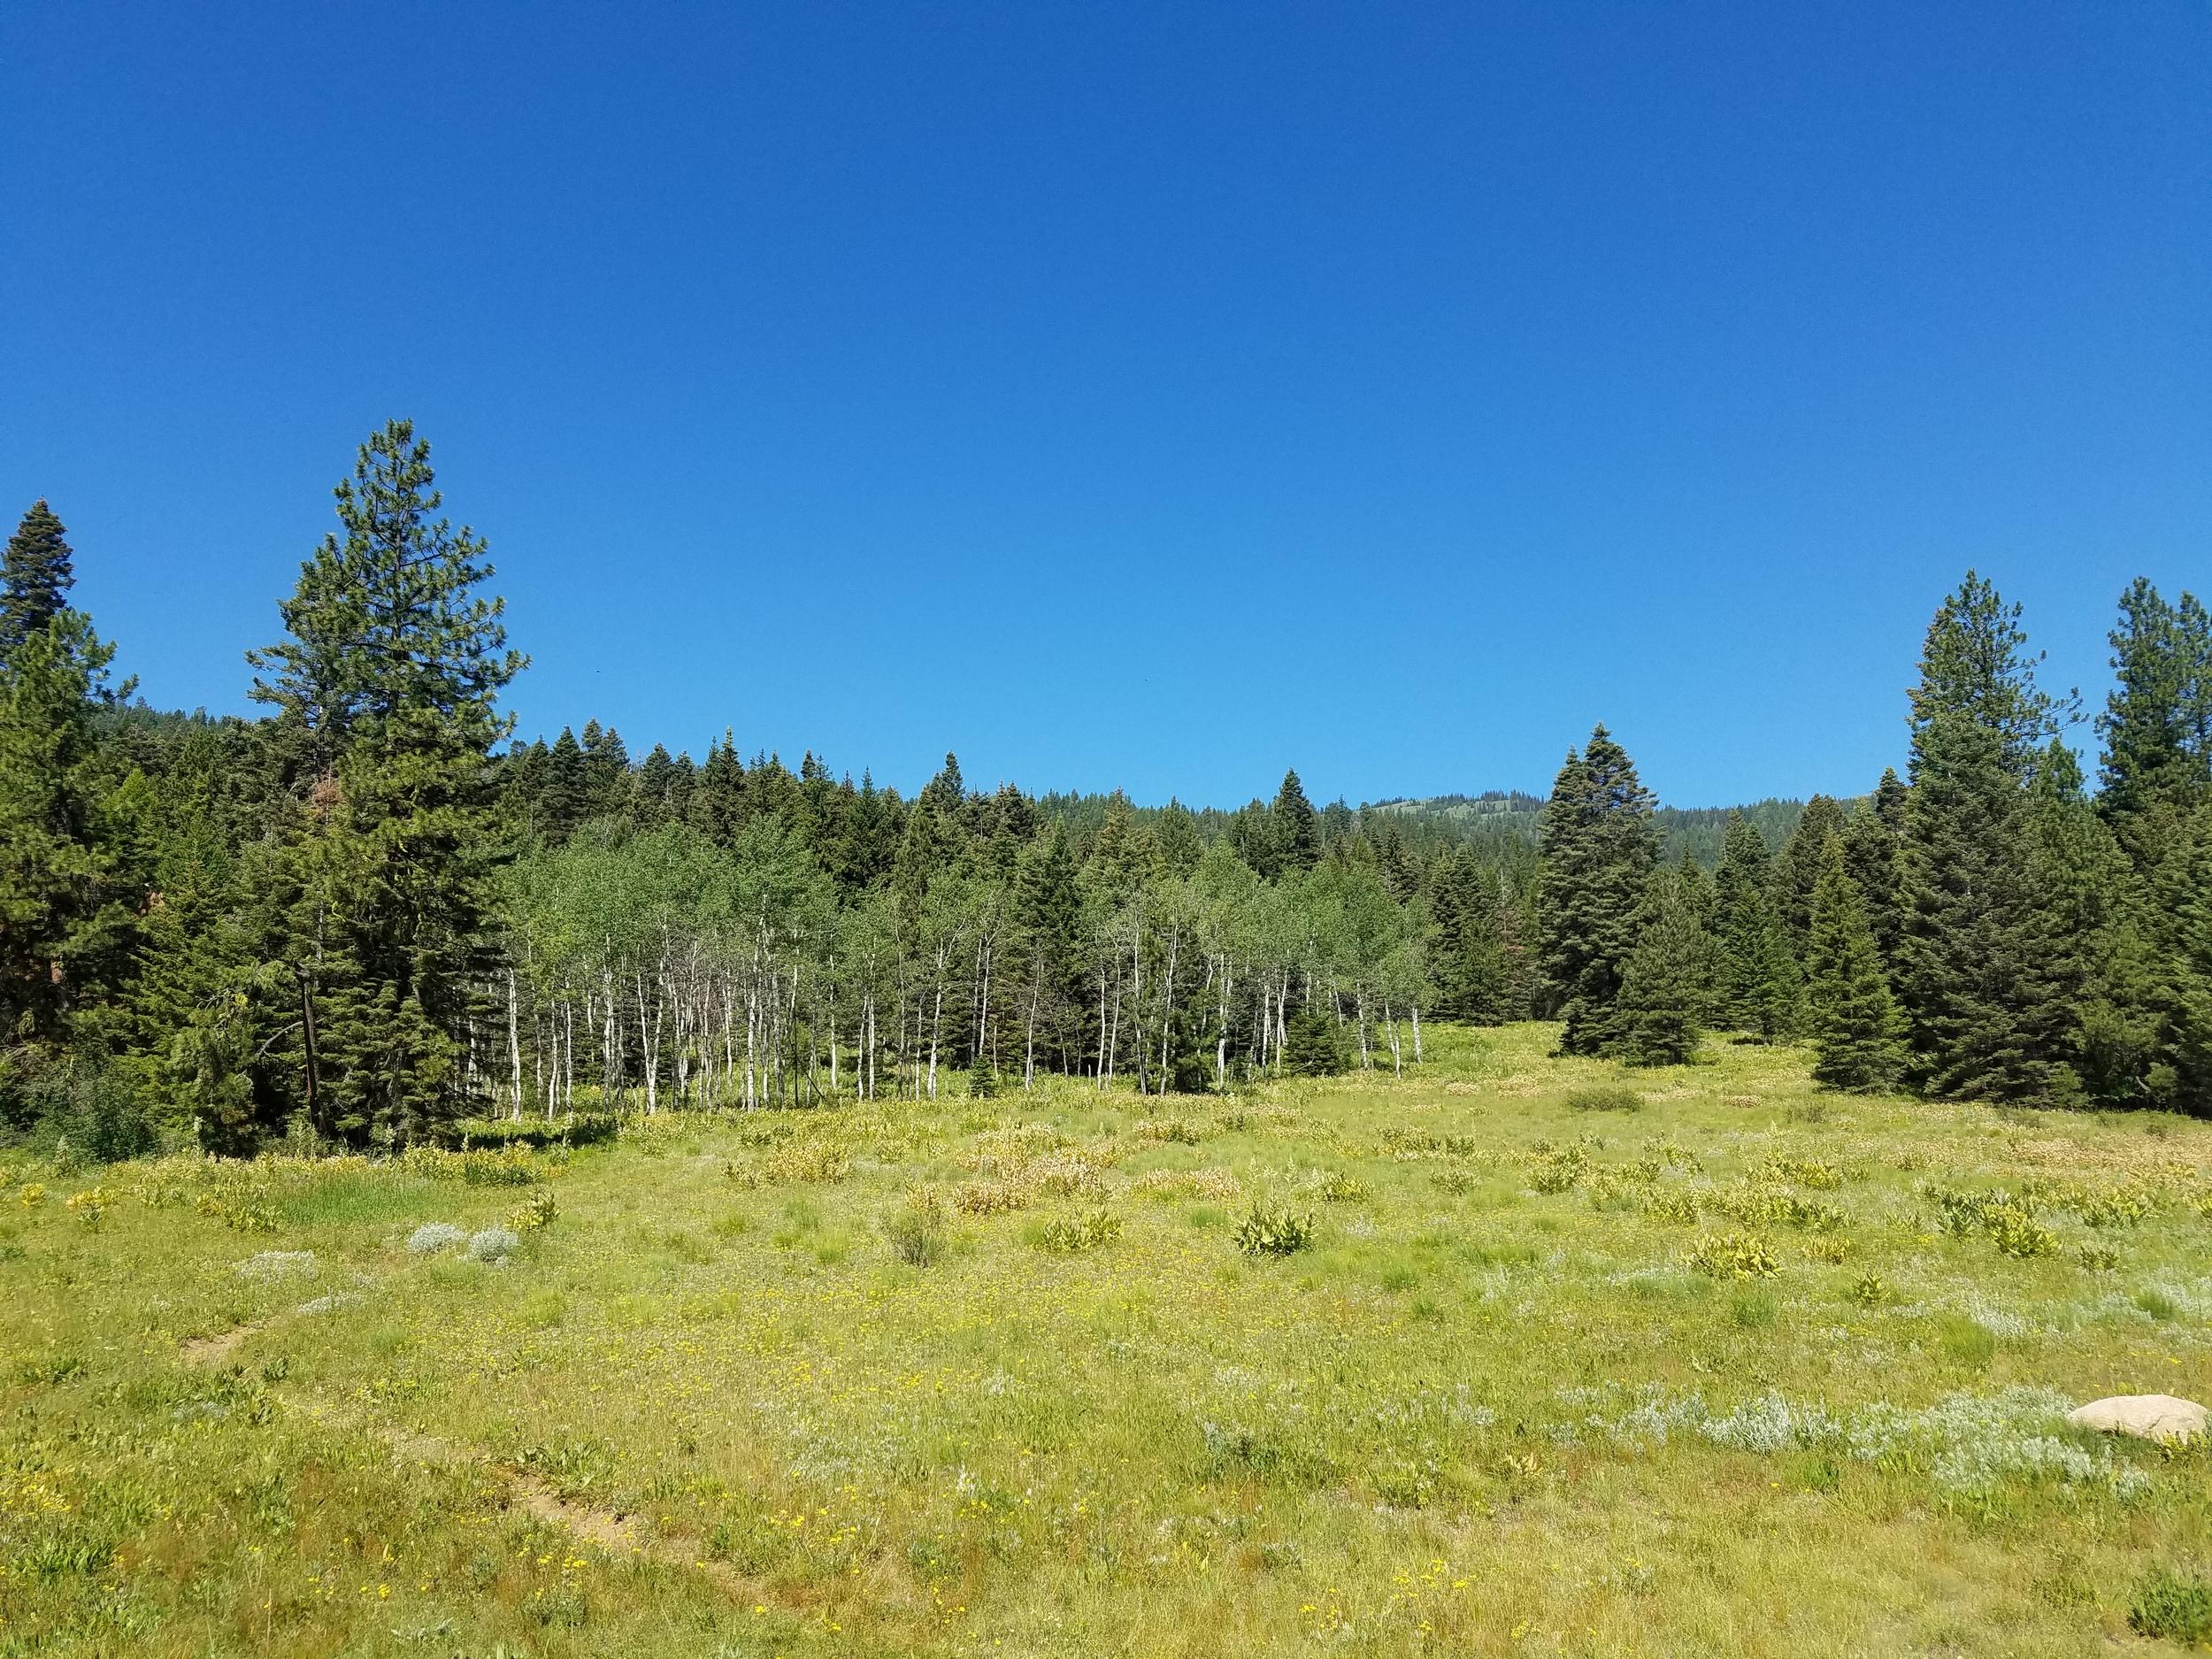 vanlife-rv-campervan-rent-idaho-sun-valley-boise-wandervans-wanderlust-skiing-snowboard-biking-hiking-outsidevan-Wandervans-stanley-flow-trail